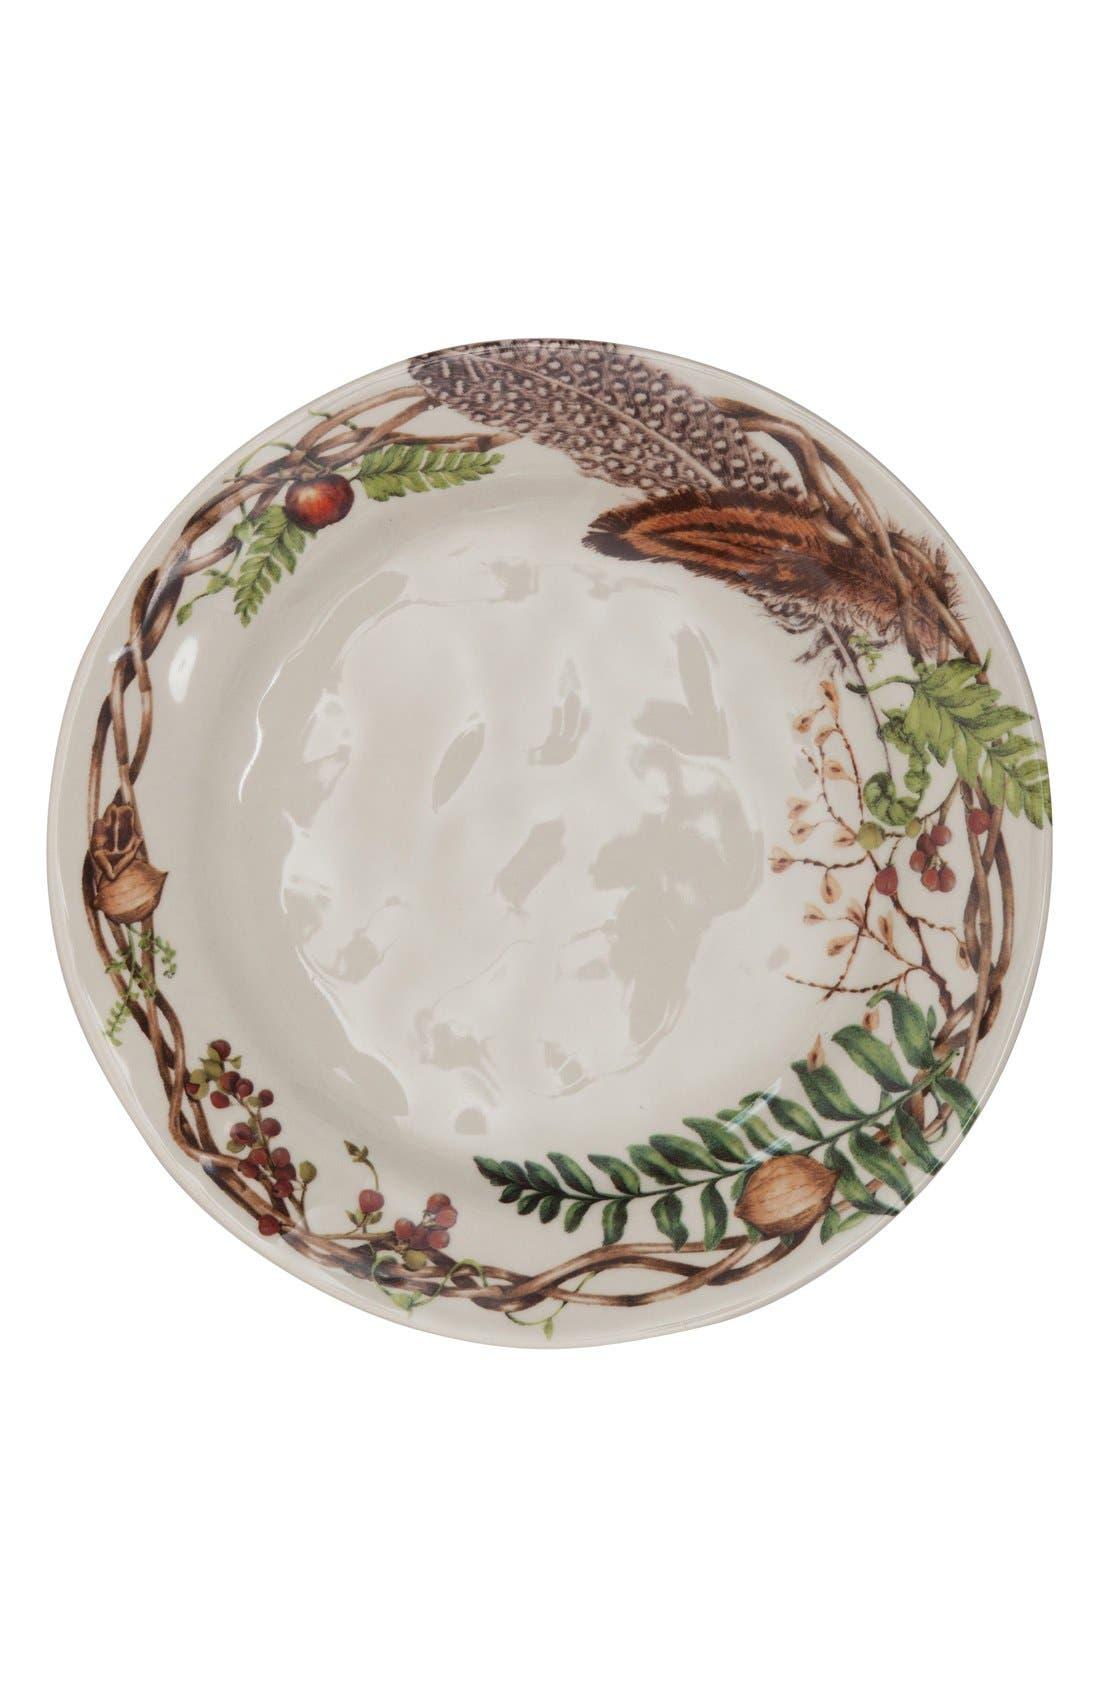 Forest Walk Dinner Plate,                             Main thumbnail 1, color,                             CAF AU LAIT